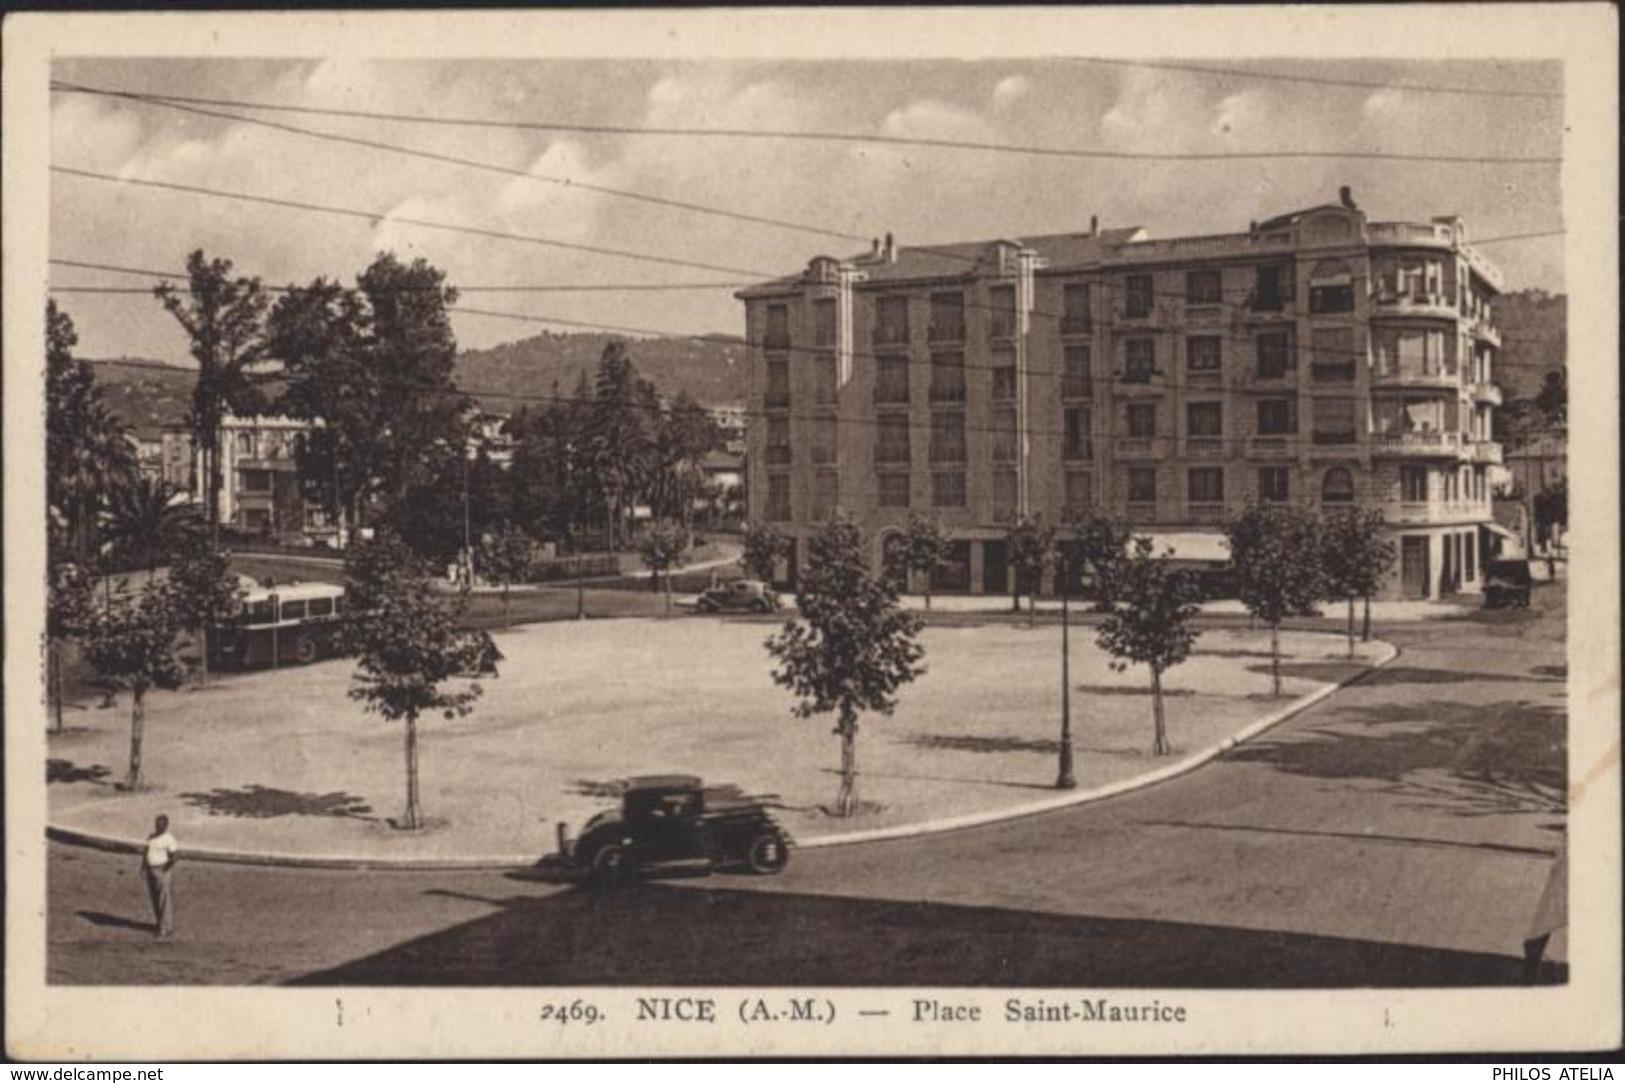 CPA Nice Alpes Maritimes 06 Place St Saint Maurice Edition La Provençale Nice - Piazze